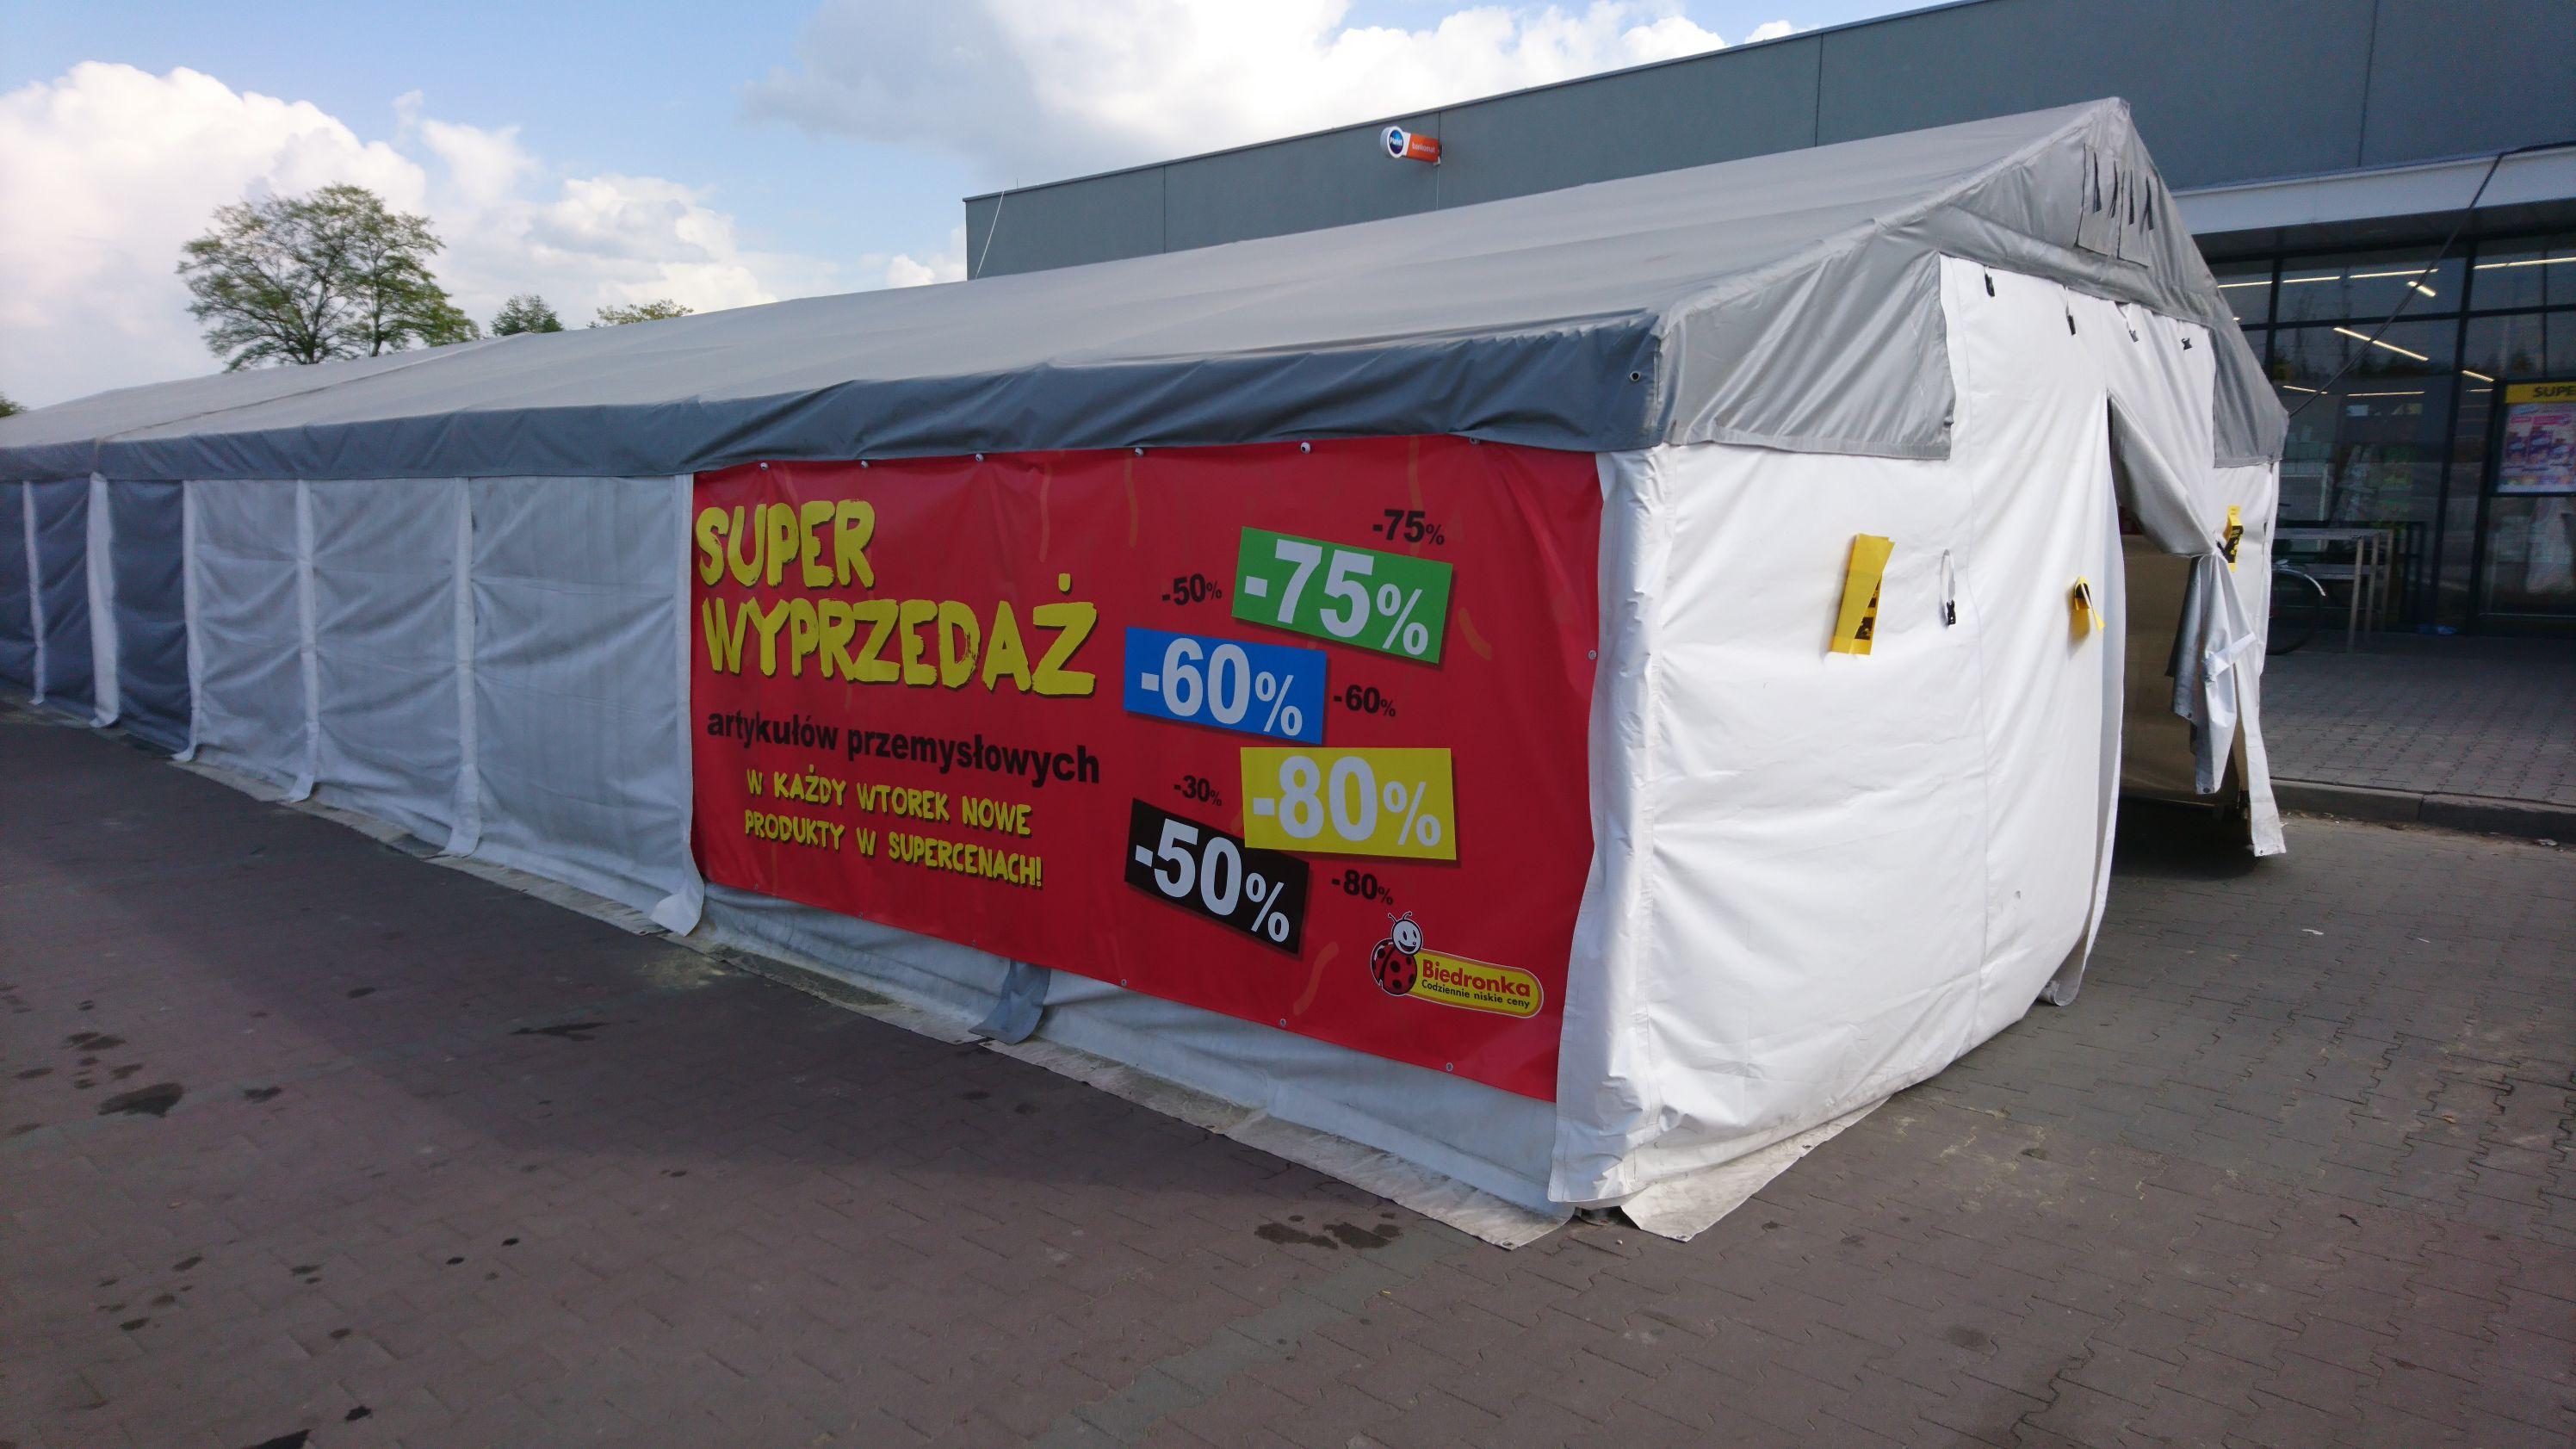 Wyprzedaż namiotowa od -50% do -80% Biedronka